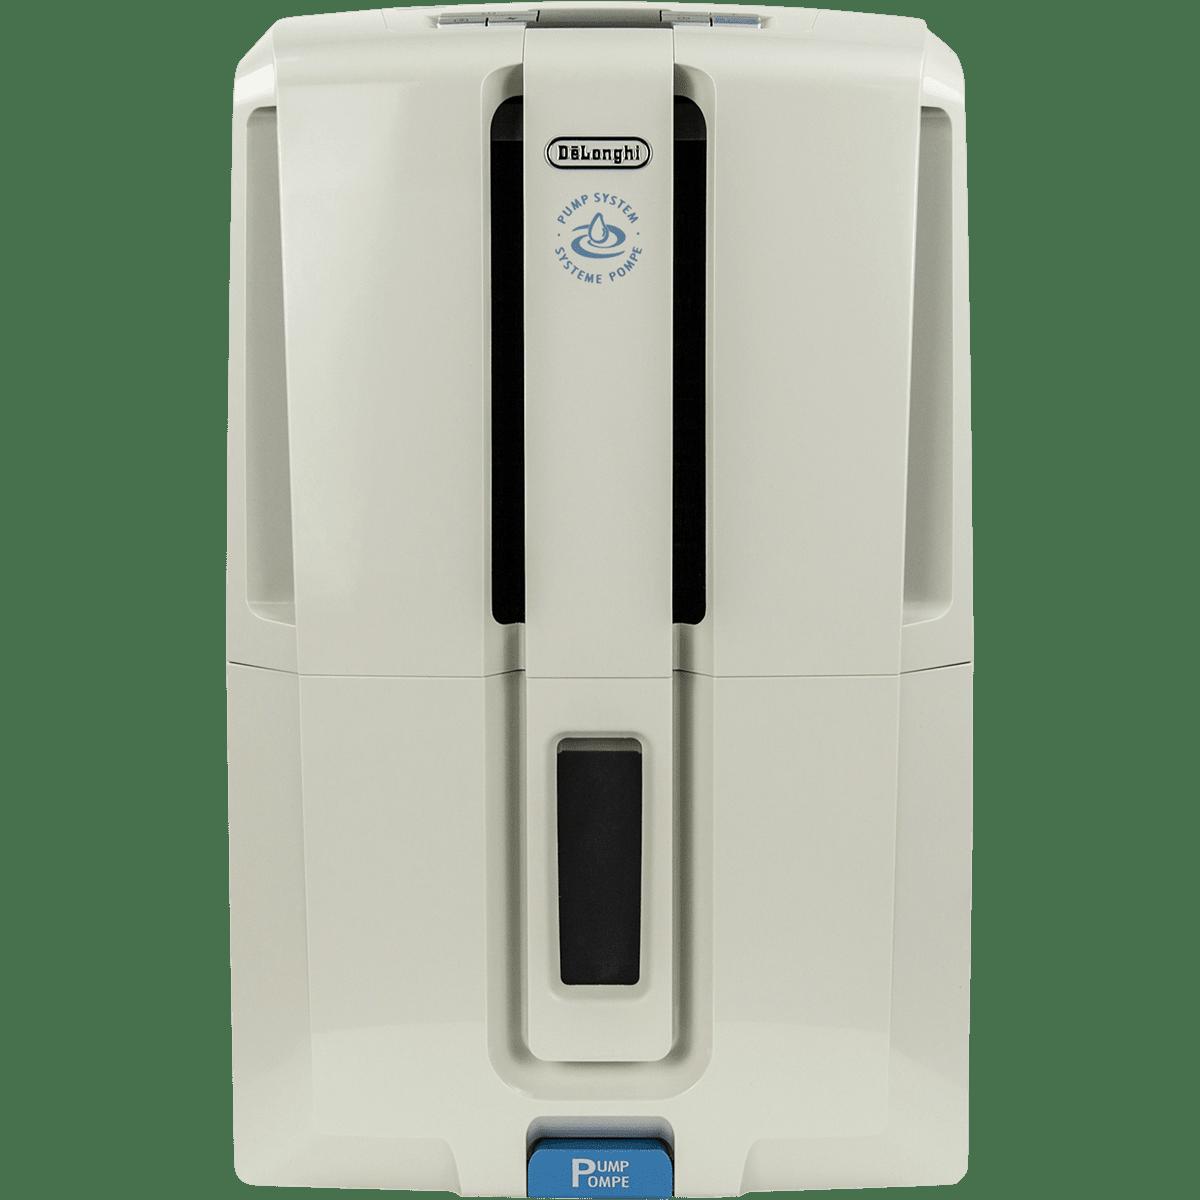 DeLonghi 70 Pint Dehumidifier w/ Pump de3285